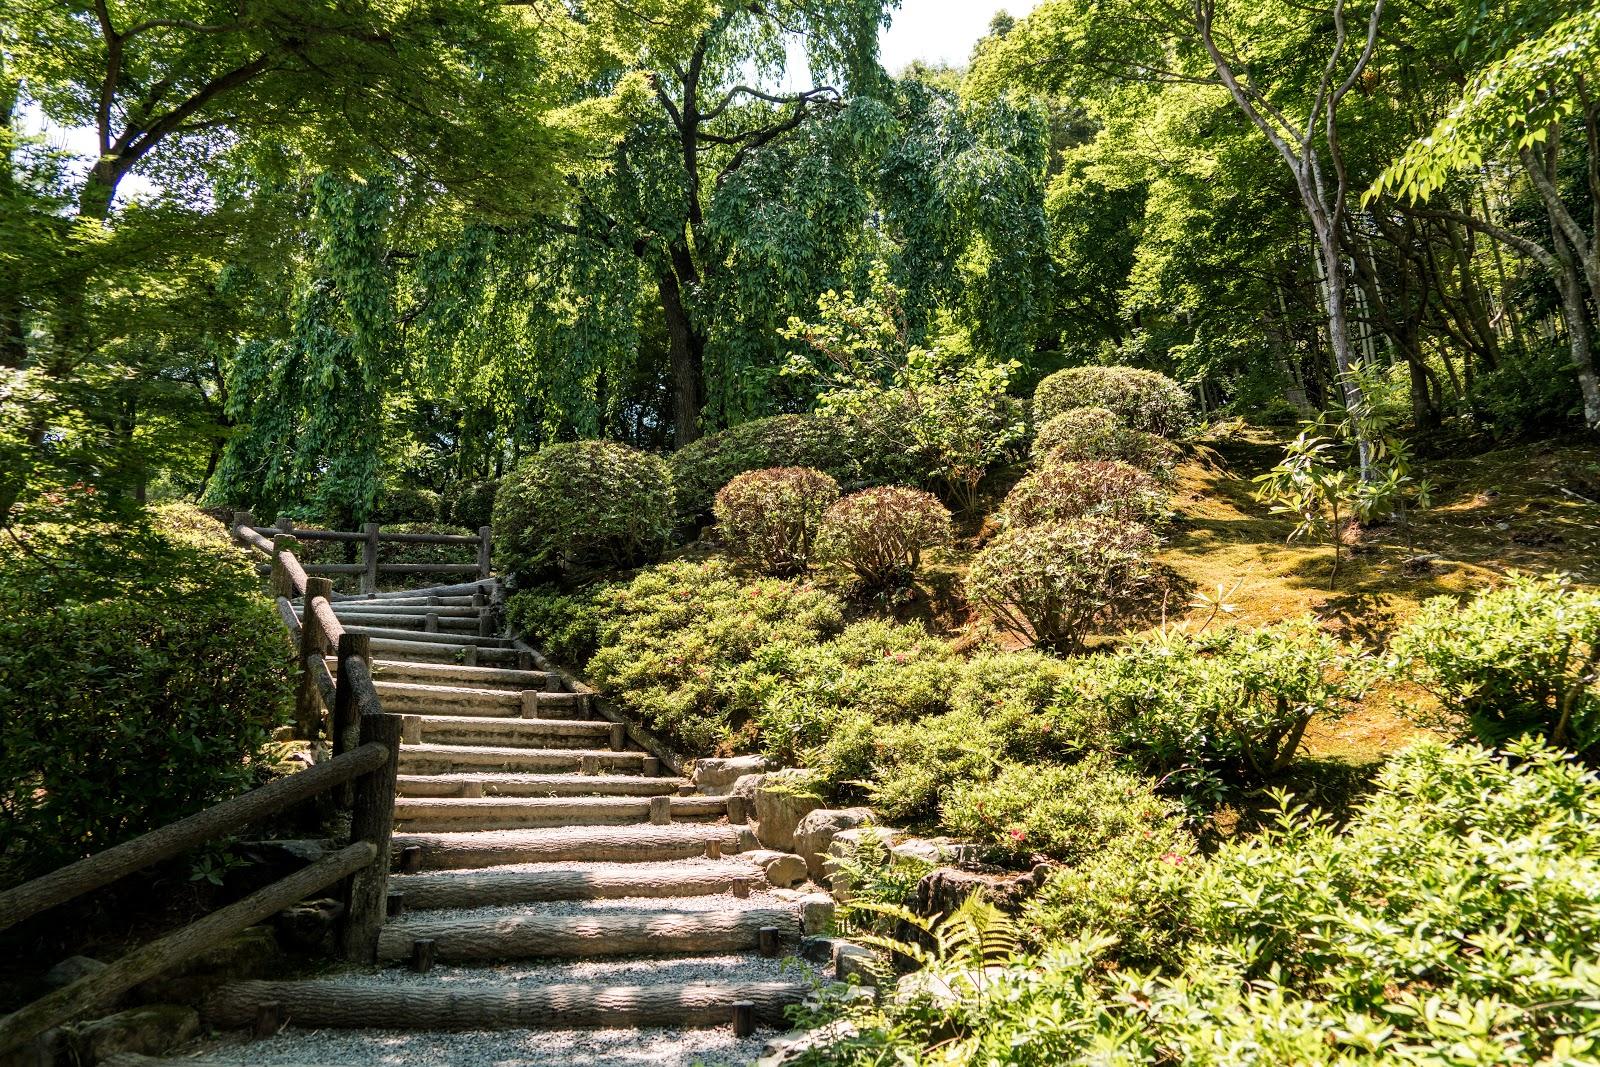 嵐山の木々が生い茂る公園の階段の小道